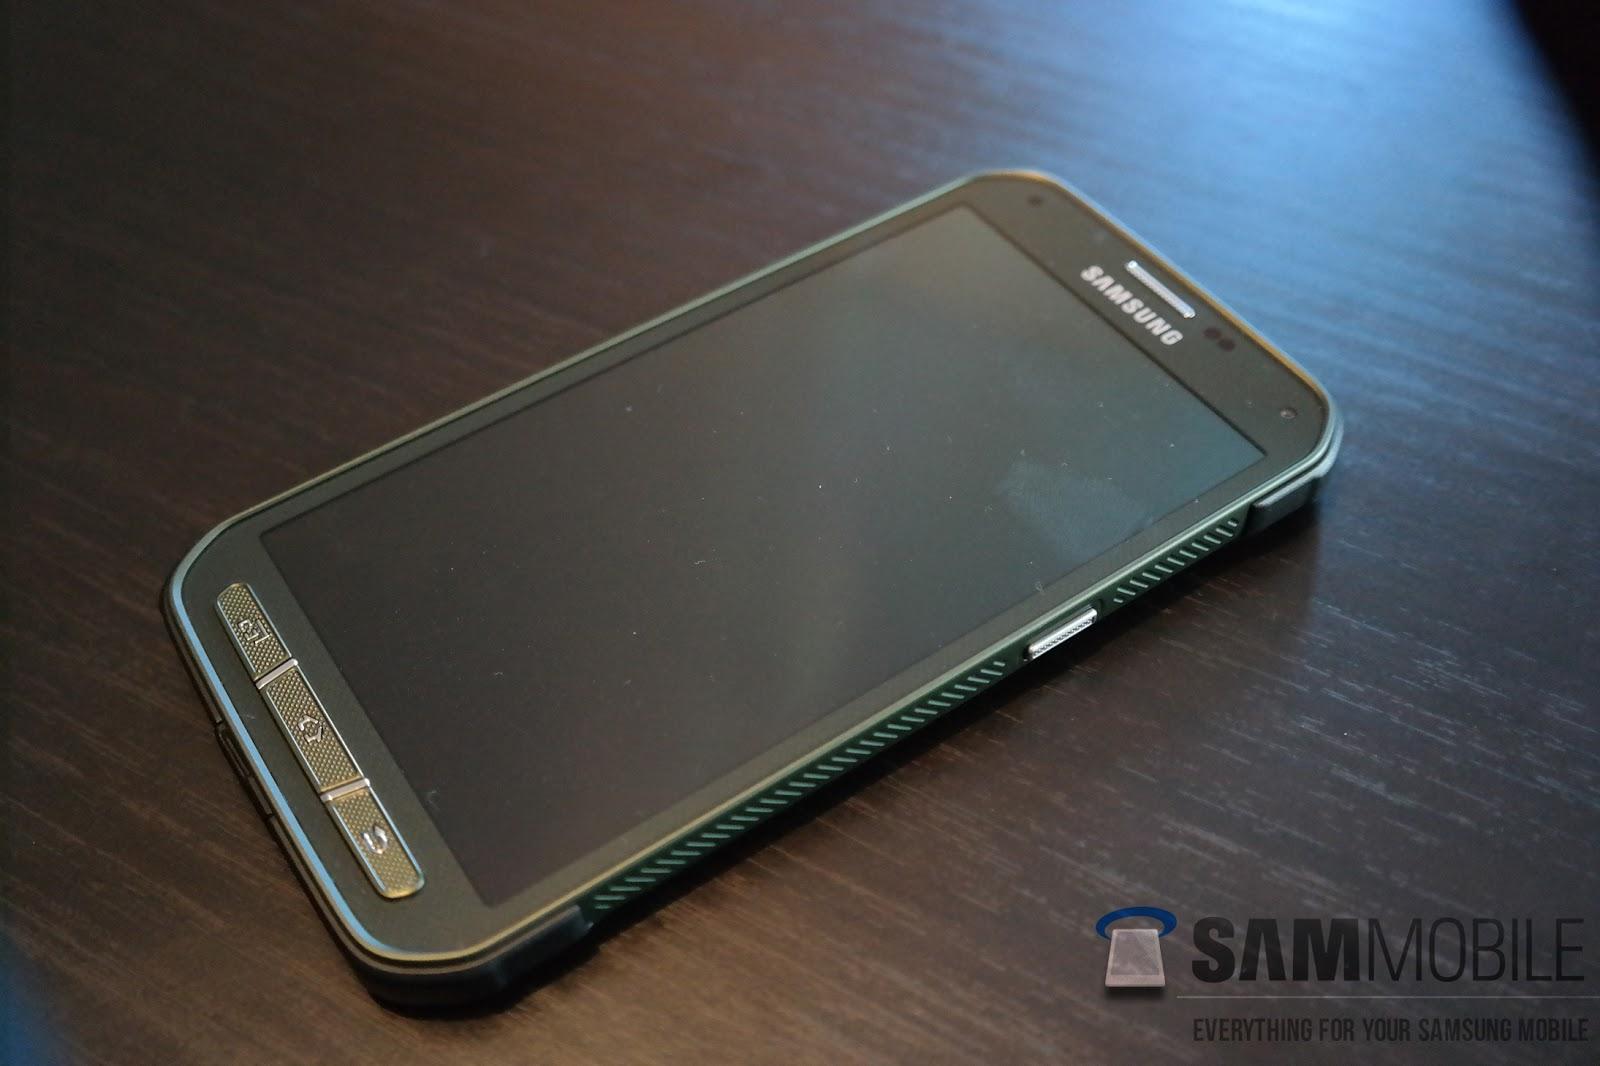 Samsung Galaxy S5 Active primește o versiune europeană; Iata pretul sau!